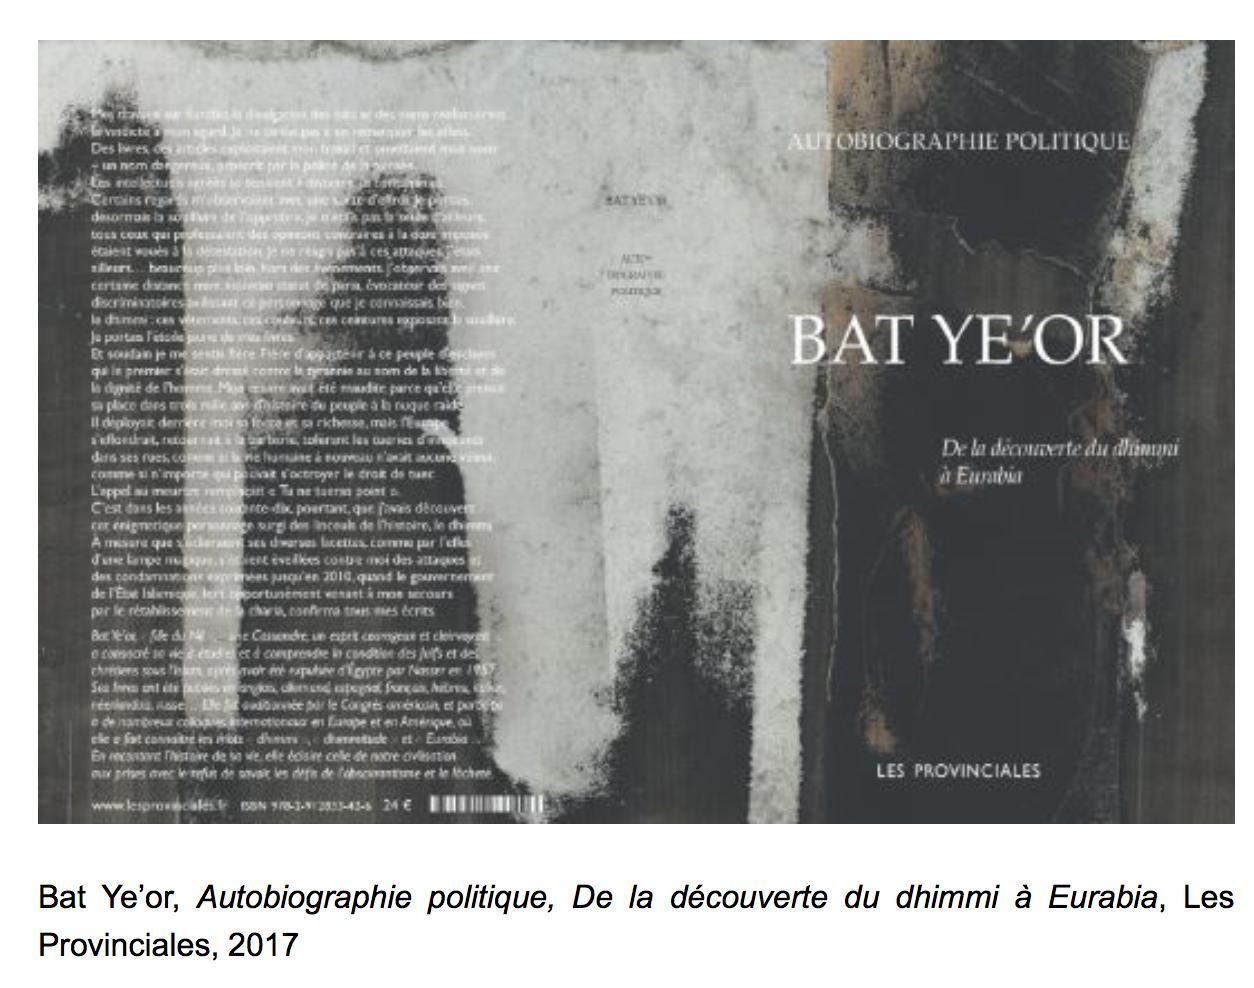 De la découverte du dhimmi à Eurabia, par Bat Ye'Or : à lire absolument !